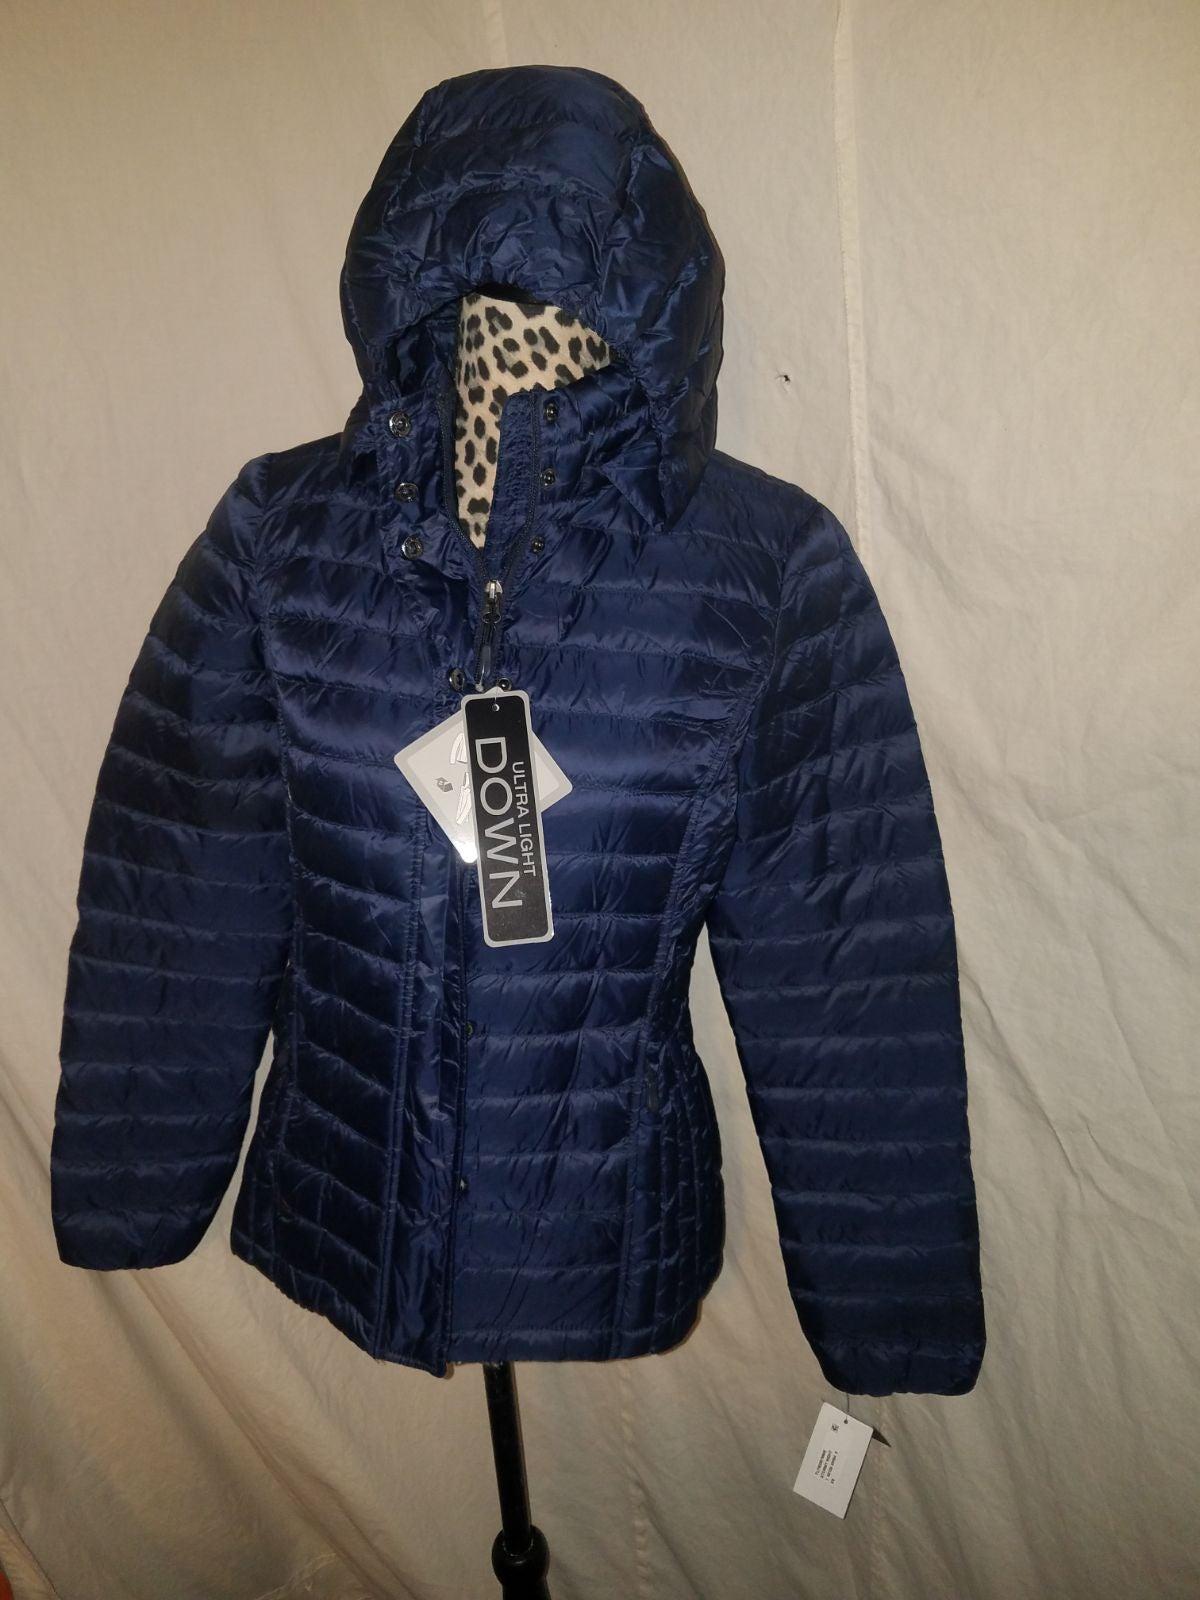 32° Heat packable jacket size XS